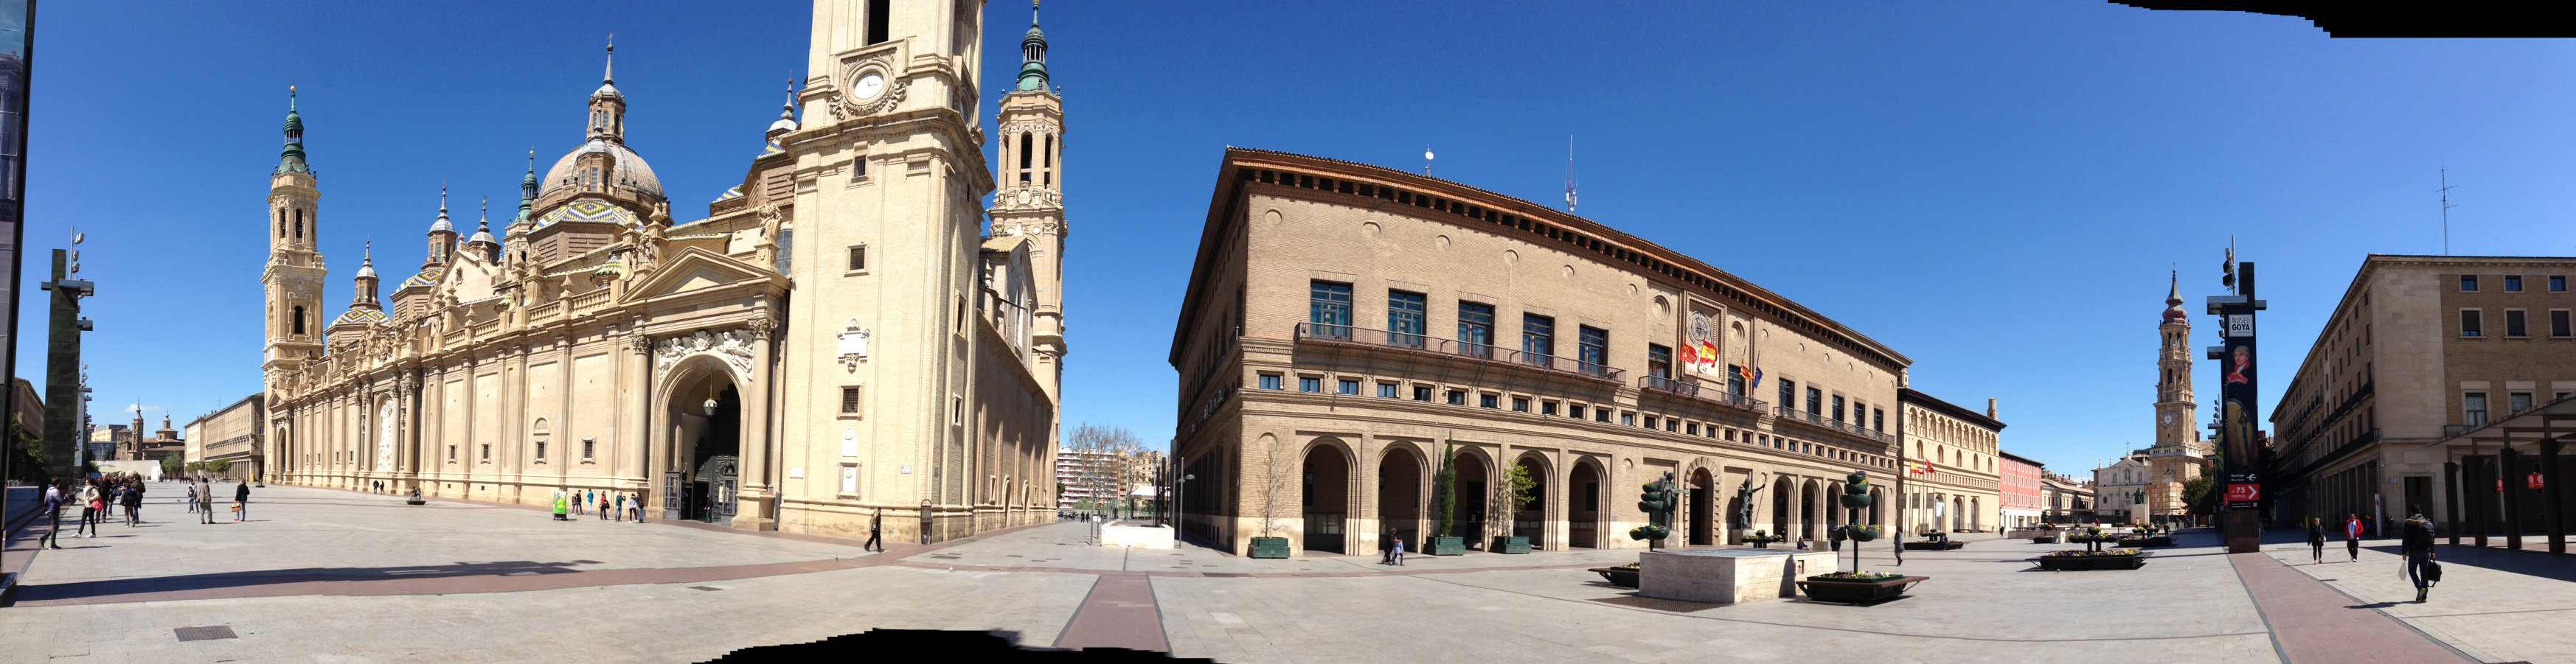 Plaza El Pilar